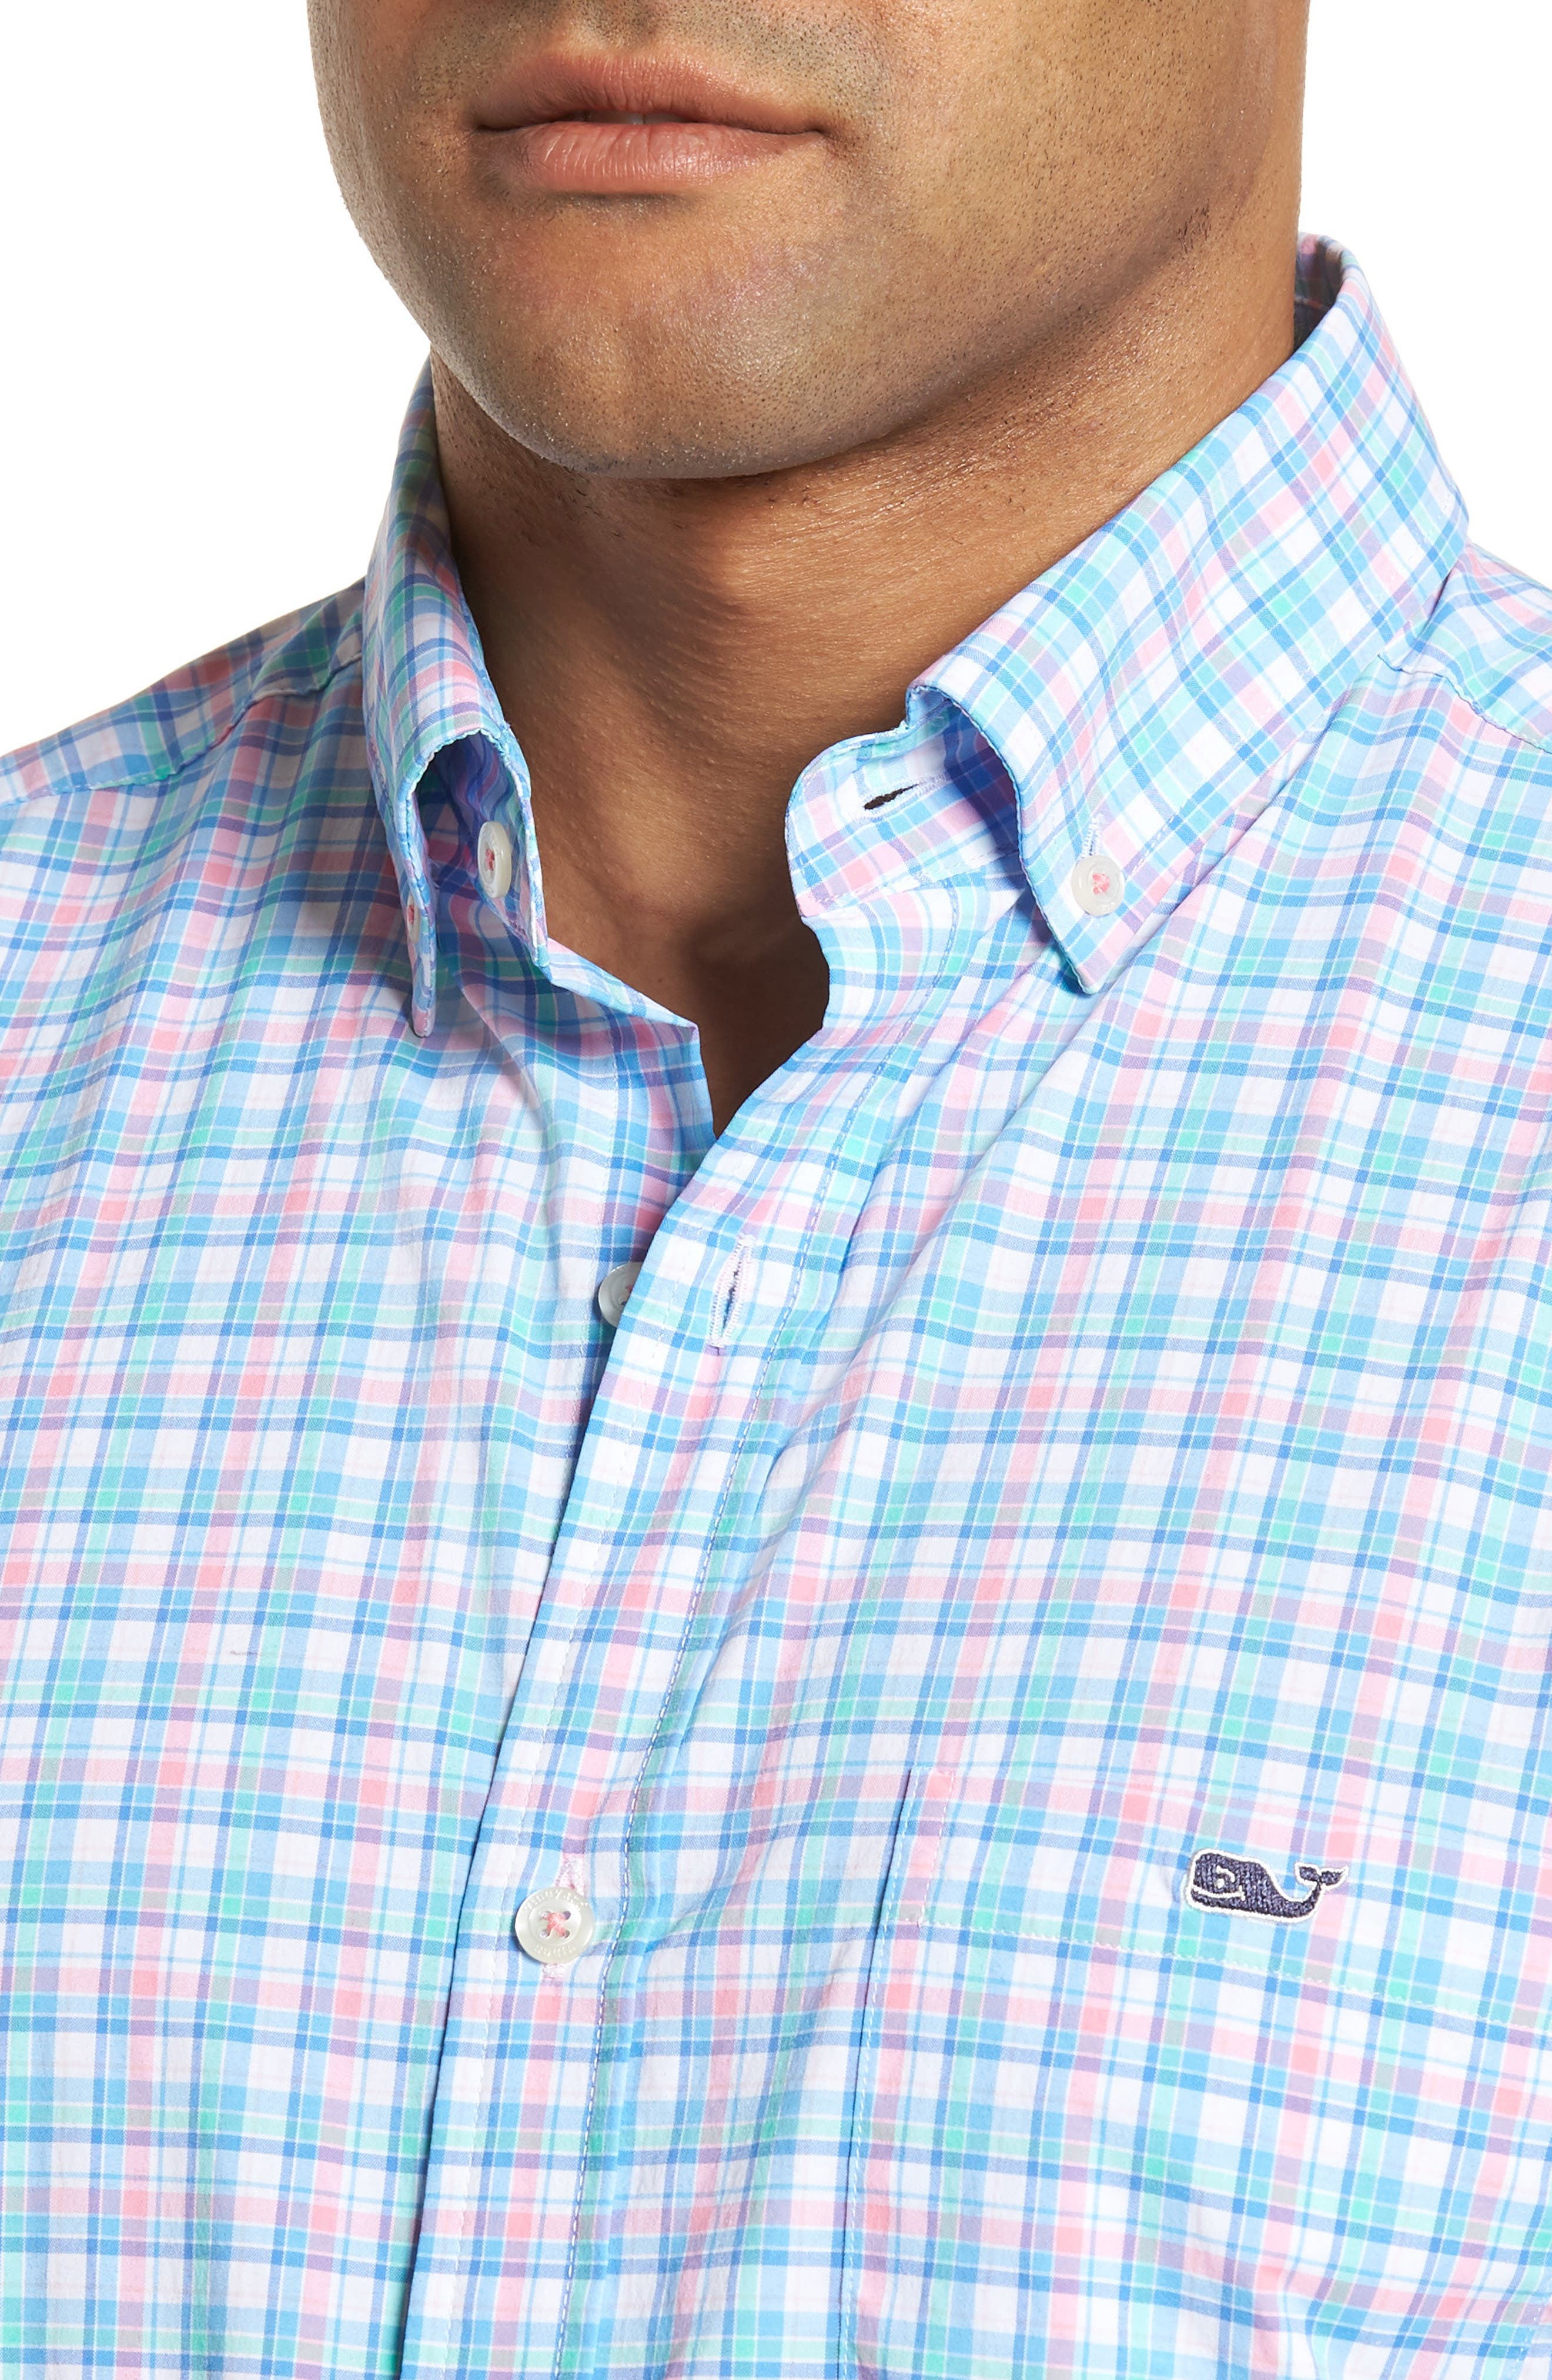 Tiki Bar Plaid Classic Fit Sport Shirt,                             Alternate thumbnail 4, color,                             650